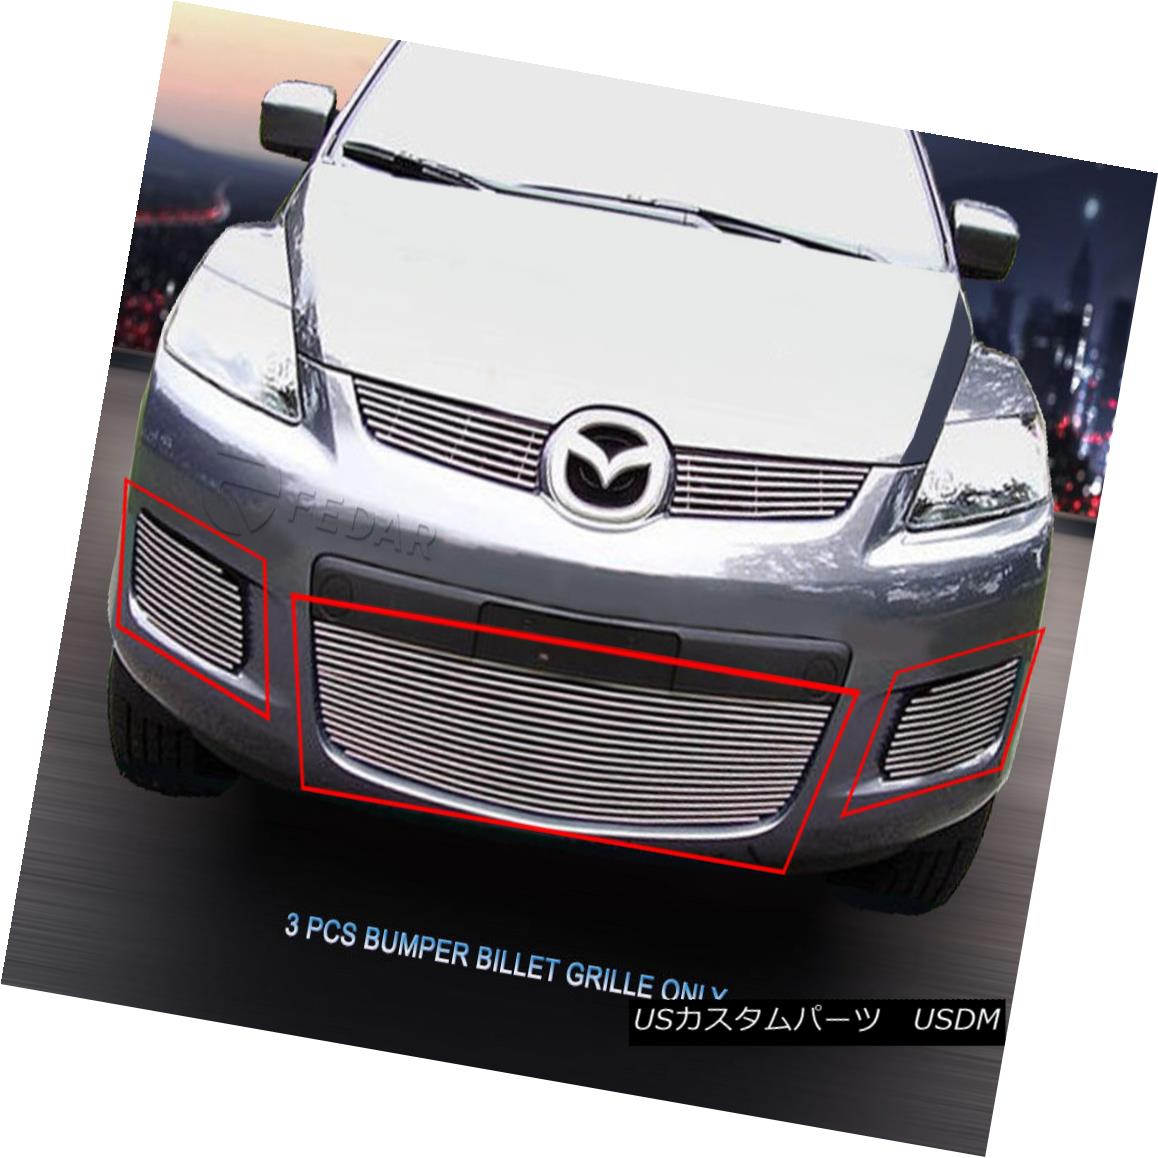 グリル Fedar Fits 2007-2009 Mazda CX-7 Polished Lower Bumper Billet Grille Fedarは2007-2009マツダCX-7ポリッシュ後部バンパー・ビレット・グリルに適合